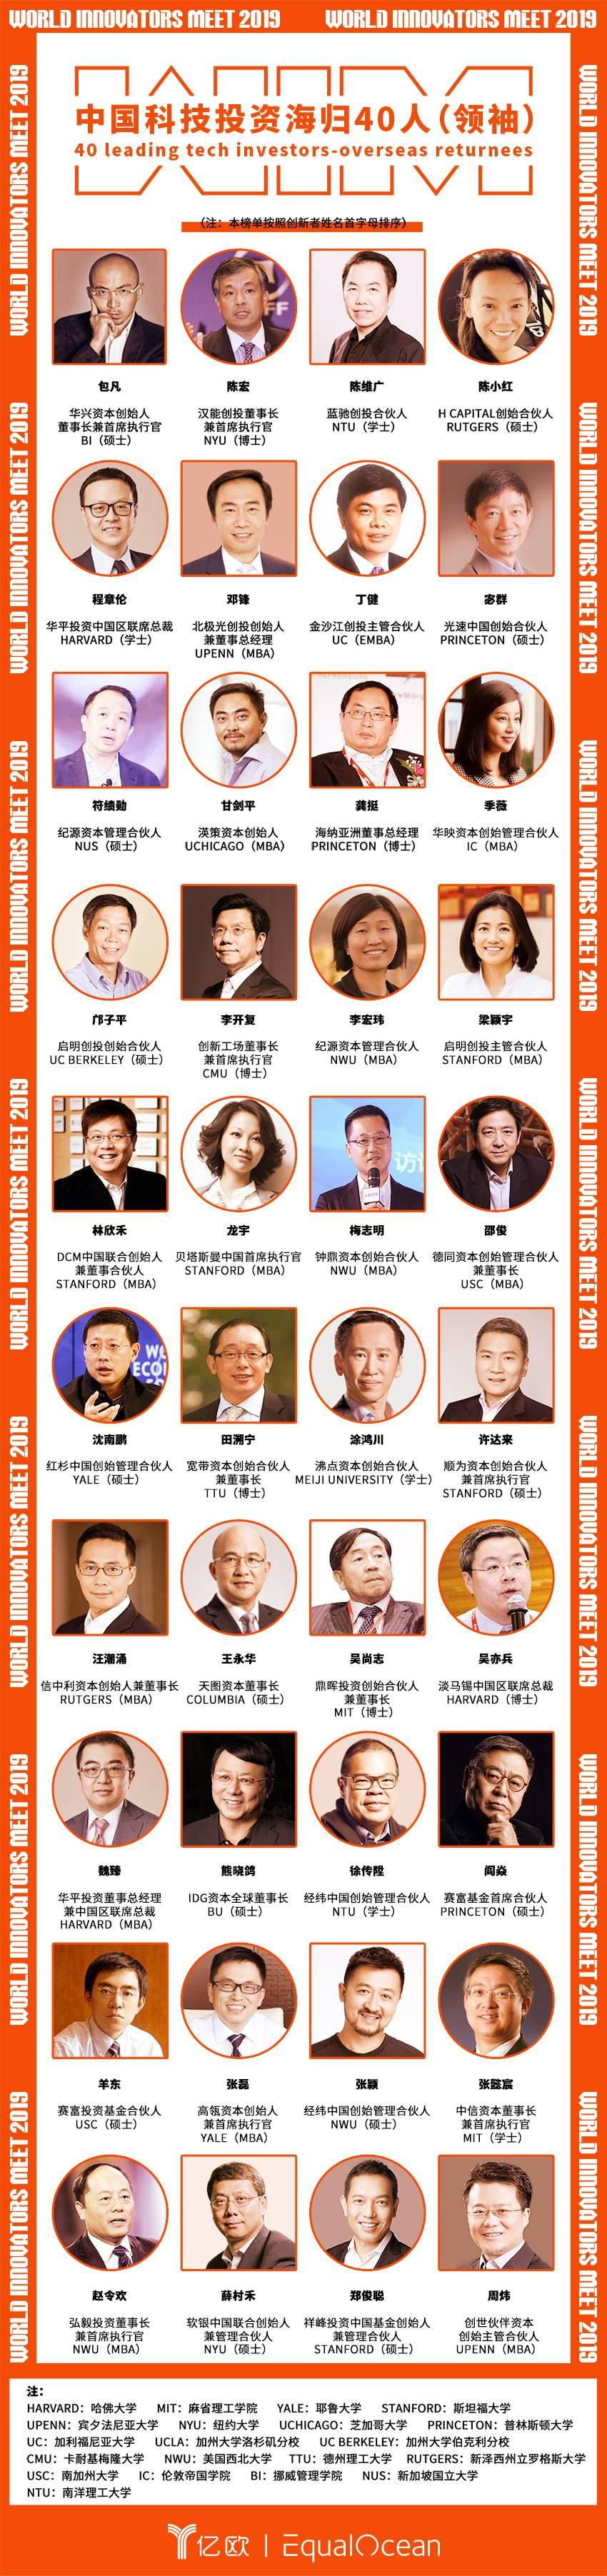 中国科技投资海归40人(领袖)榜单